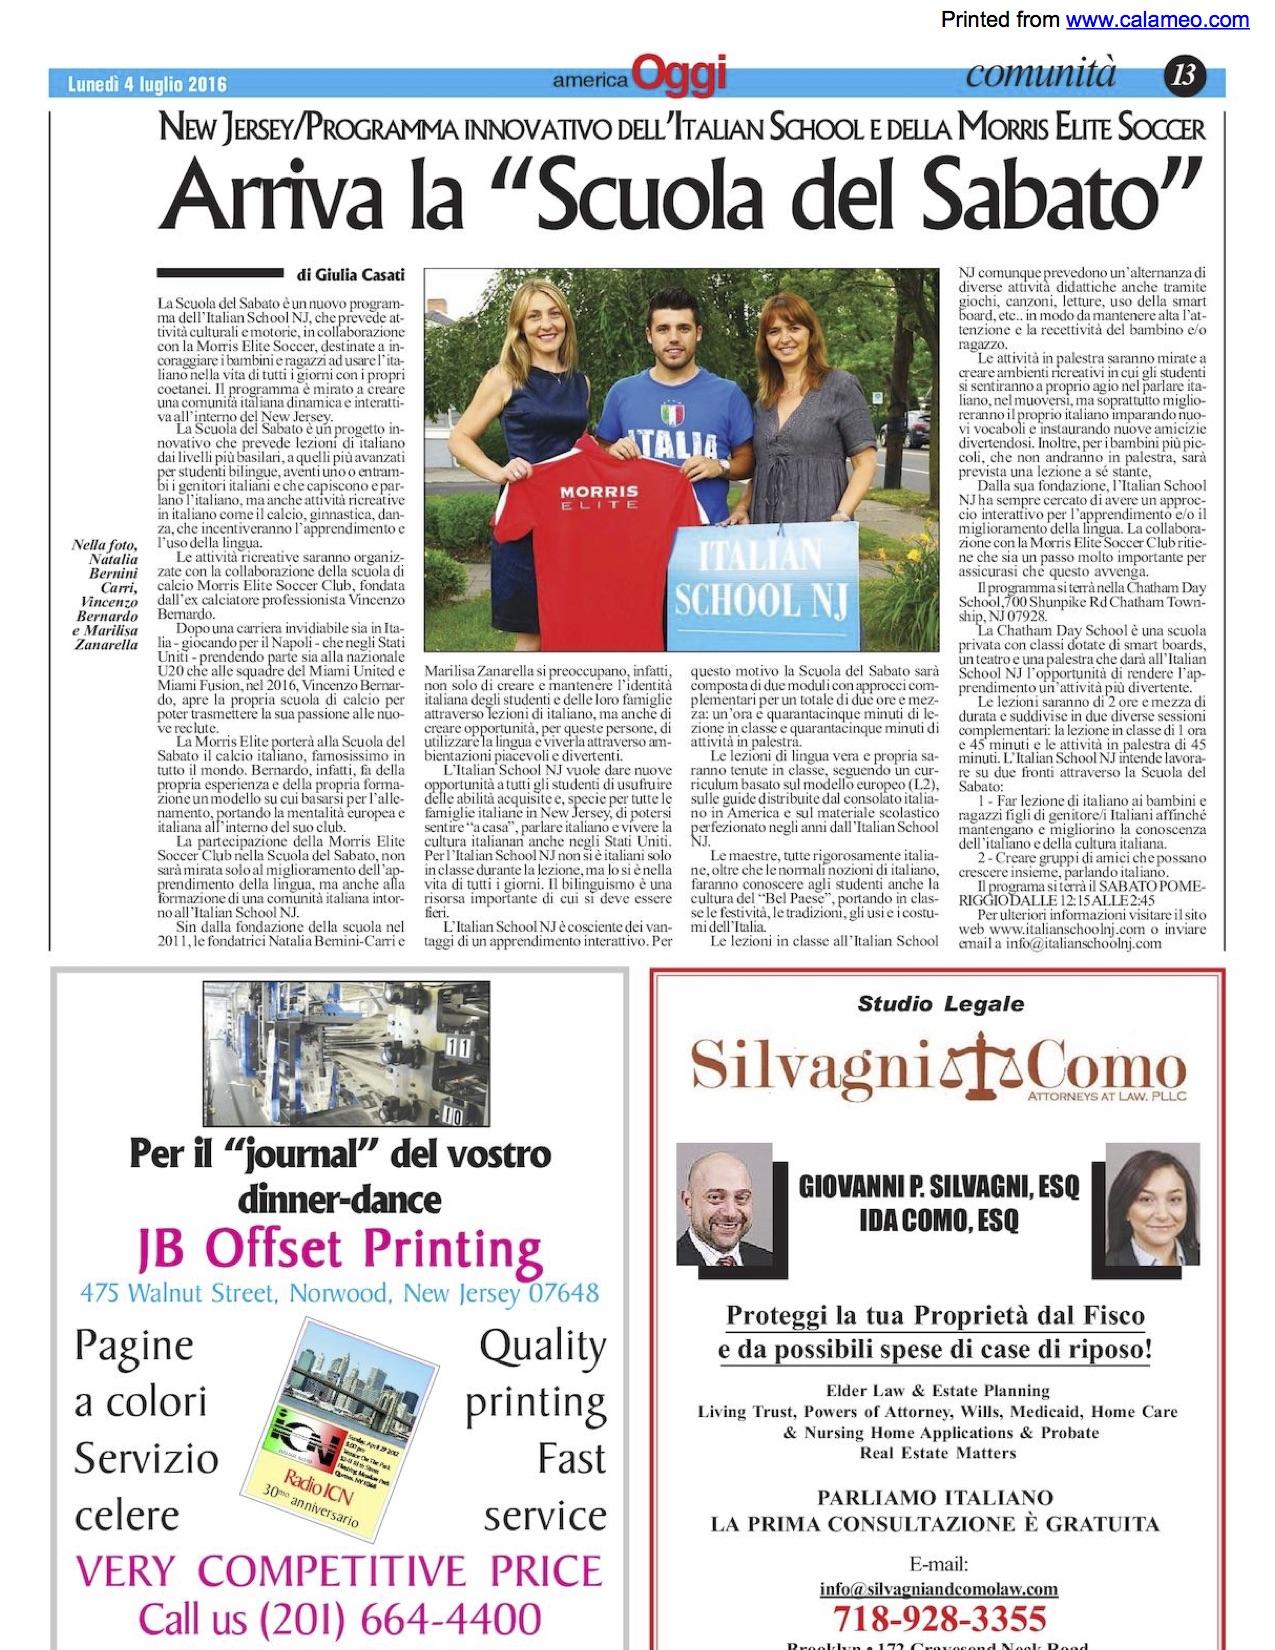 2016 America Oggi articolo .jpg